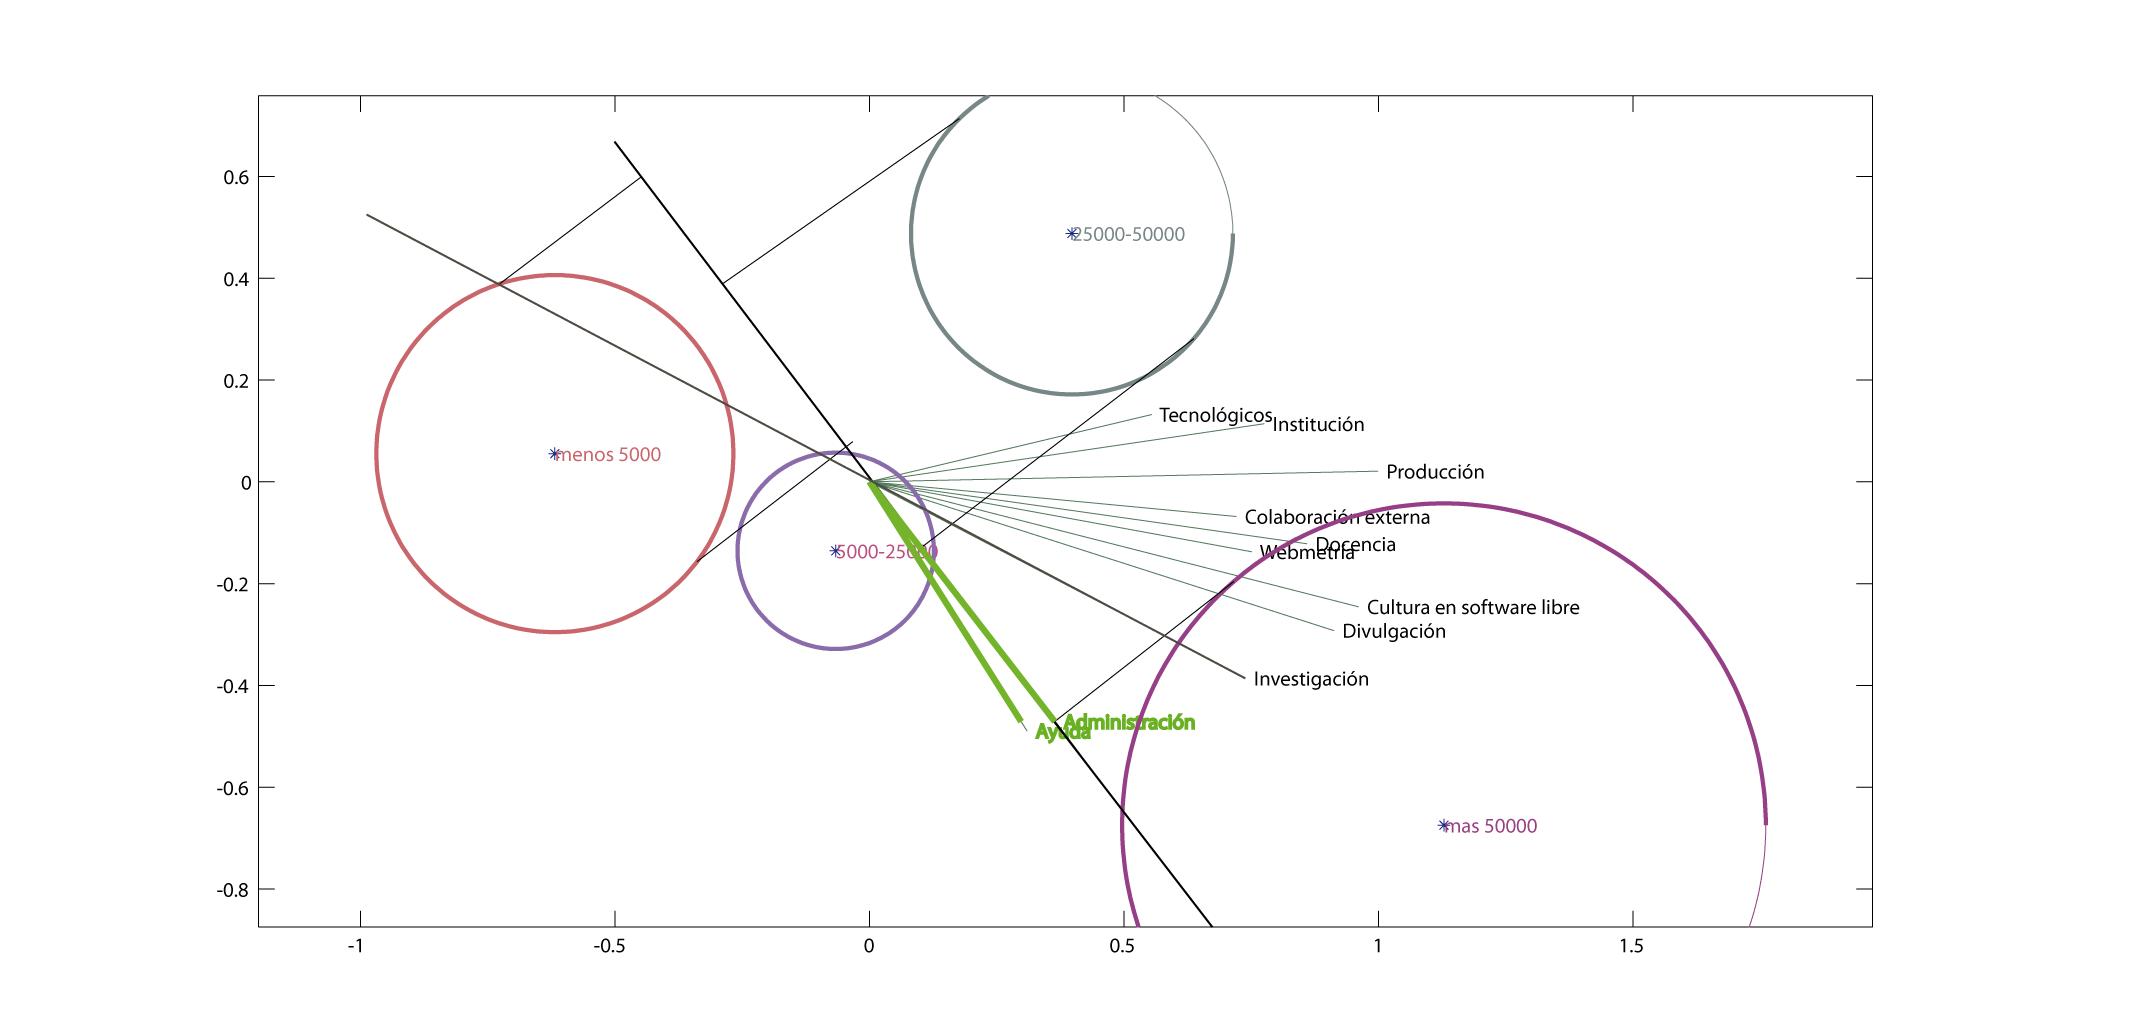 Análisis biplot entre cultura, investigación y divulgación del software libre